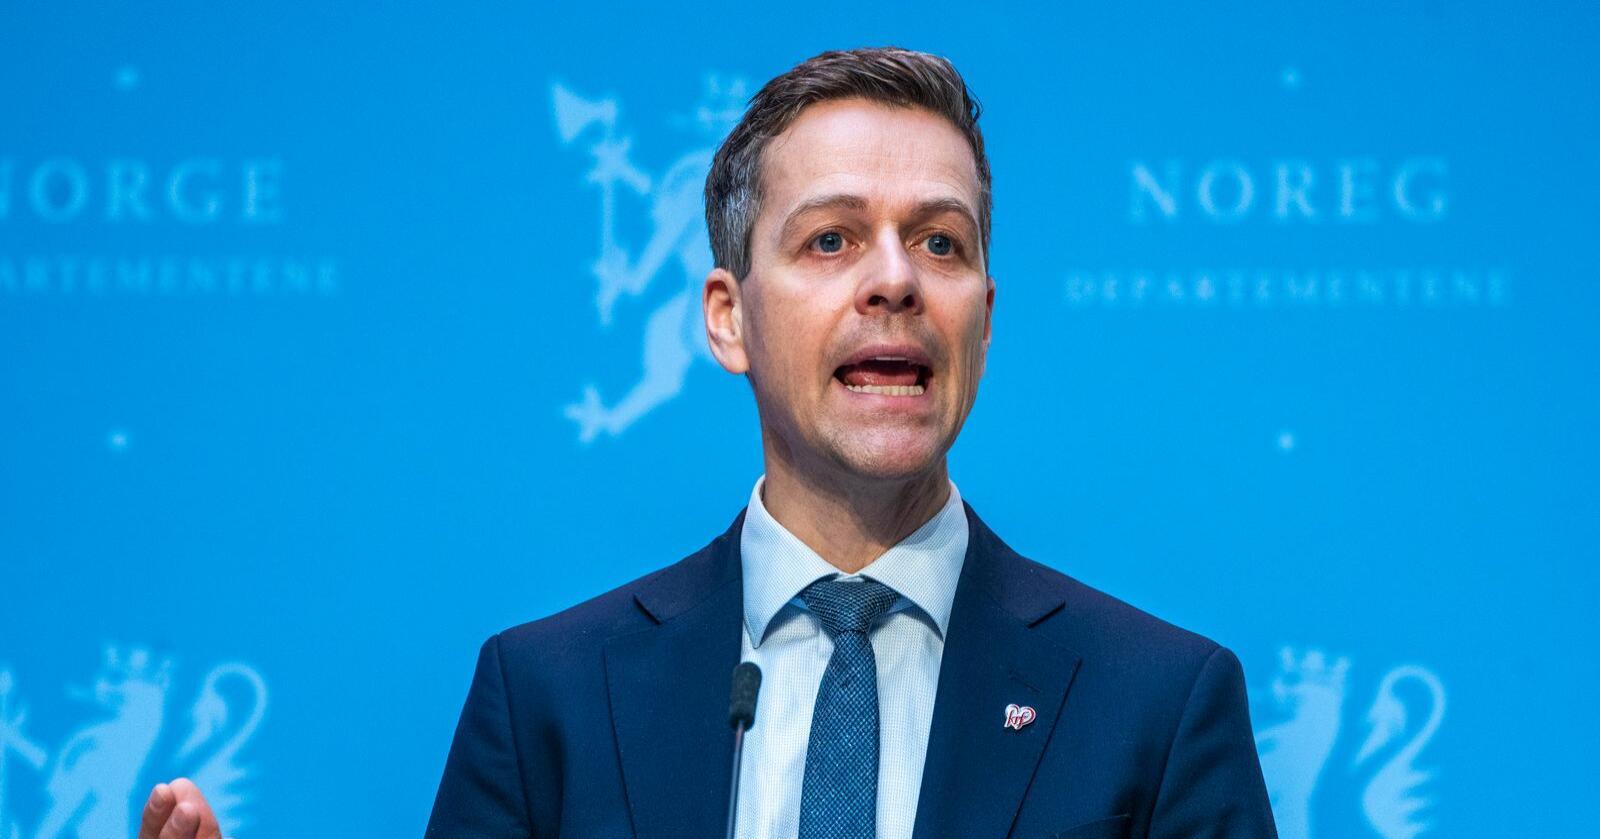 Knut Arild Hareide (Krf) er ikke enig med Senterparti-nestlederen om prioritering av samferdselspengene. Ola Borten Moe mener på sin side at Hareide har misforstått. Foto: Terje Pedersen / NTB